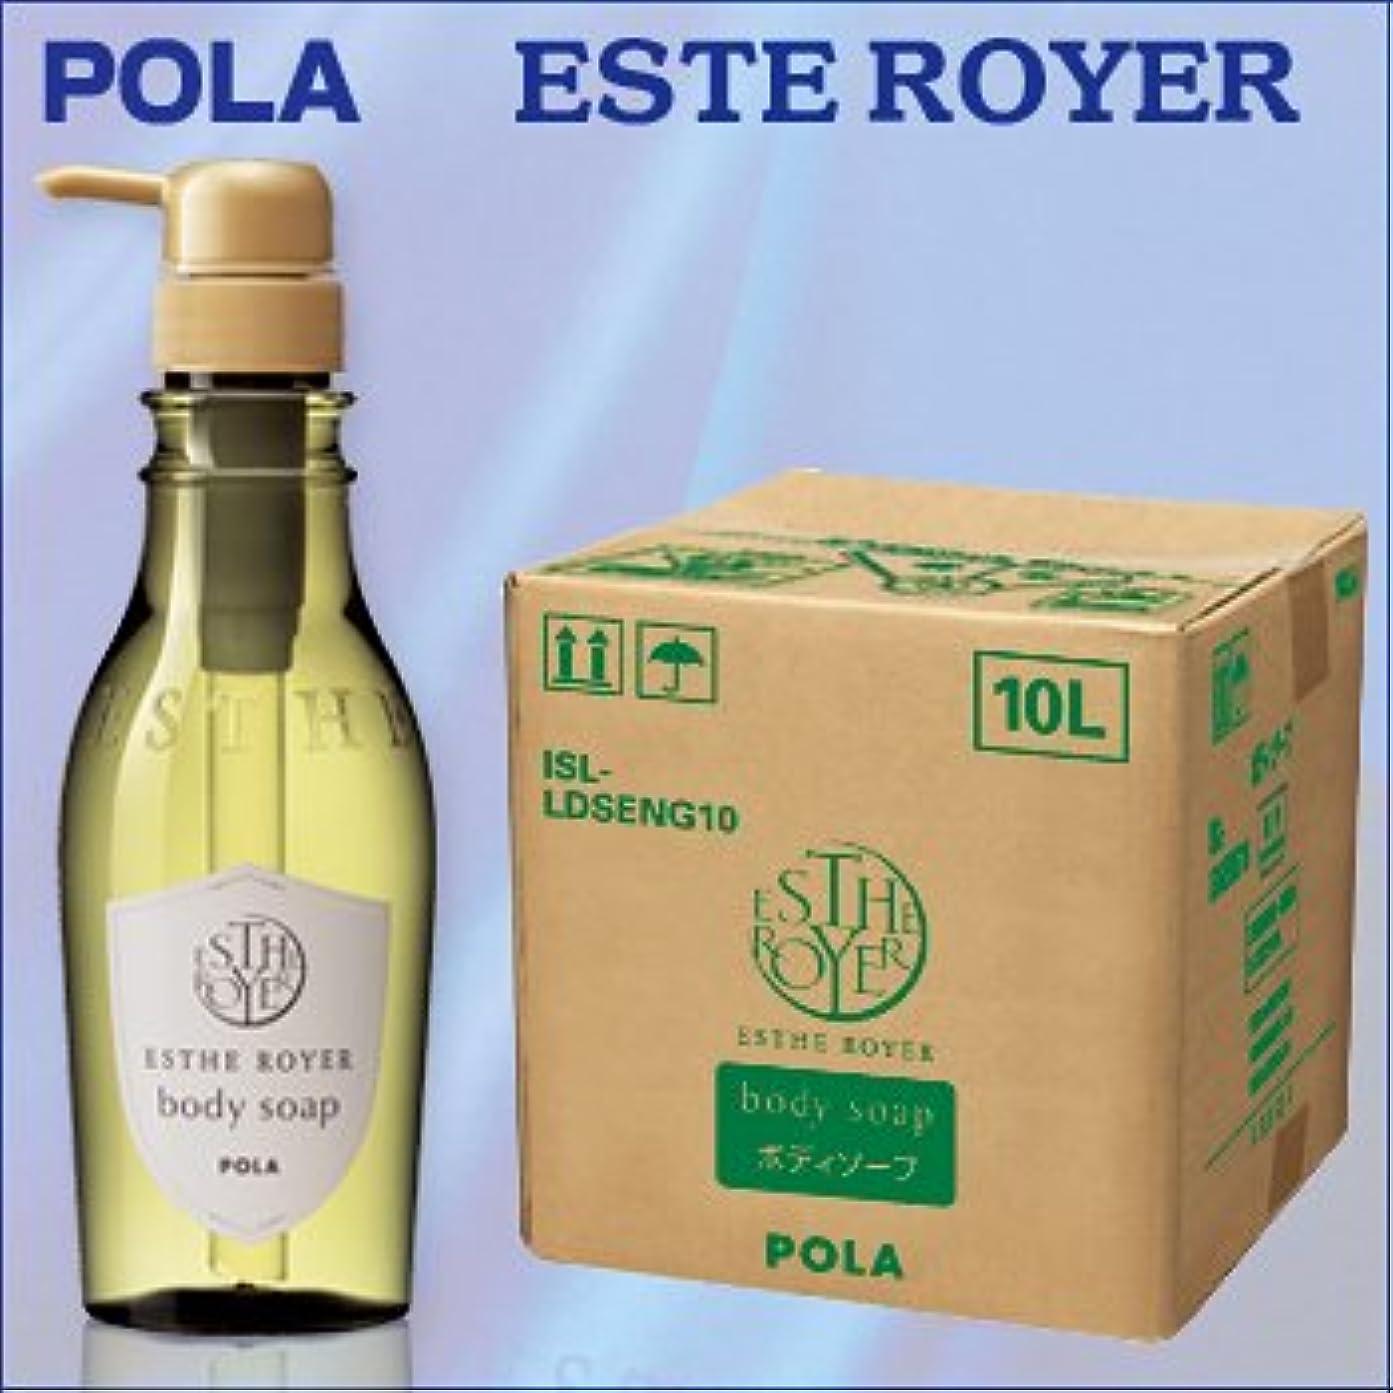 水銀の耕す哲学者POLA エステロワイエ 業務用 ボディソープ 10L